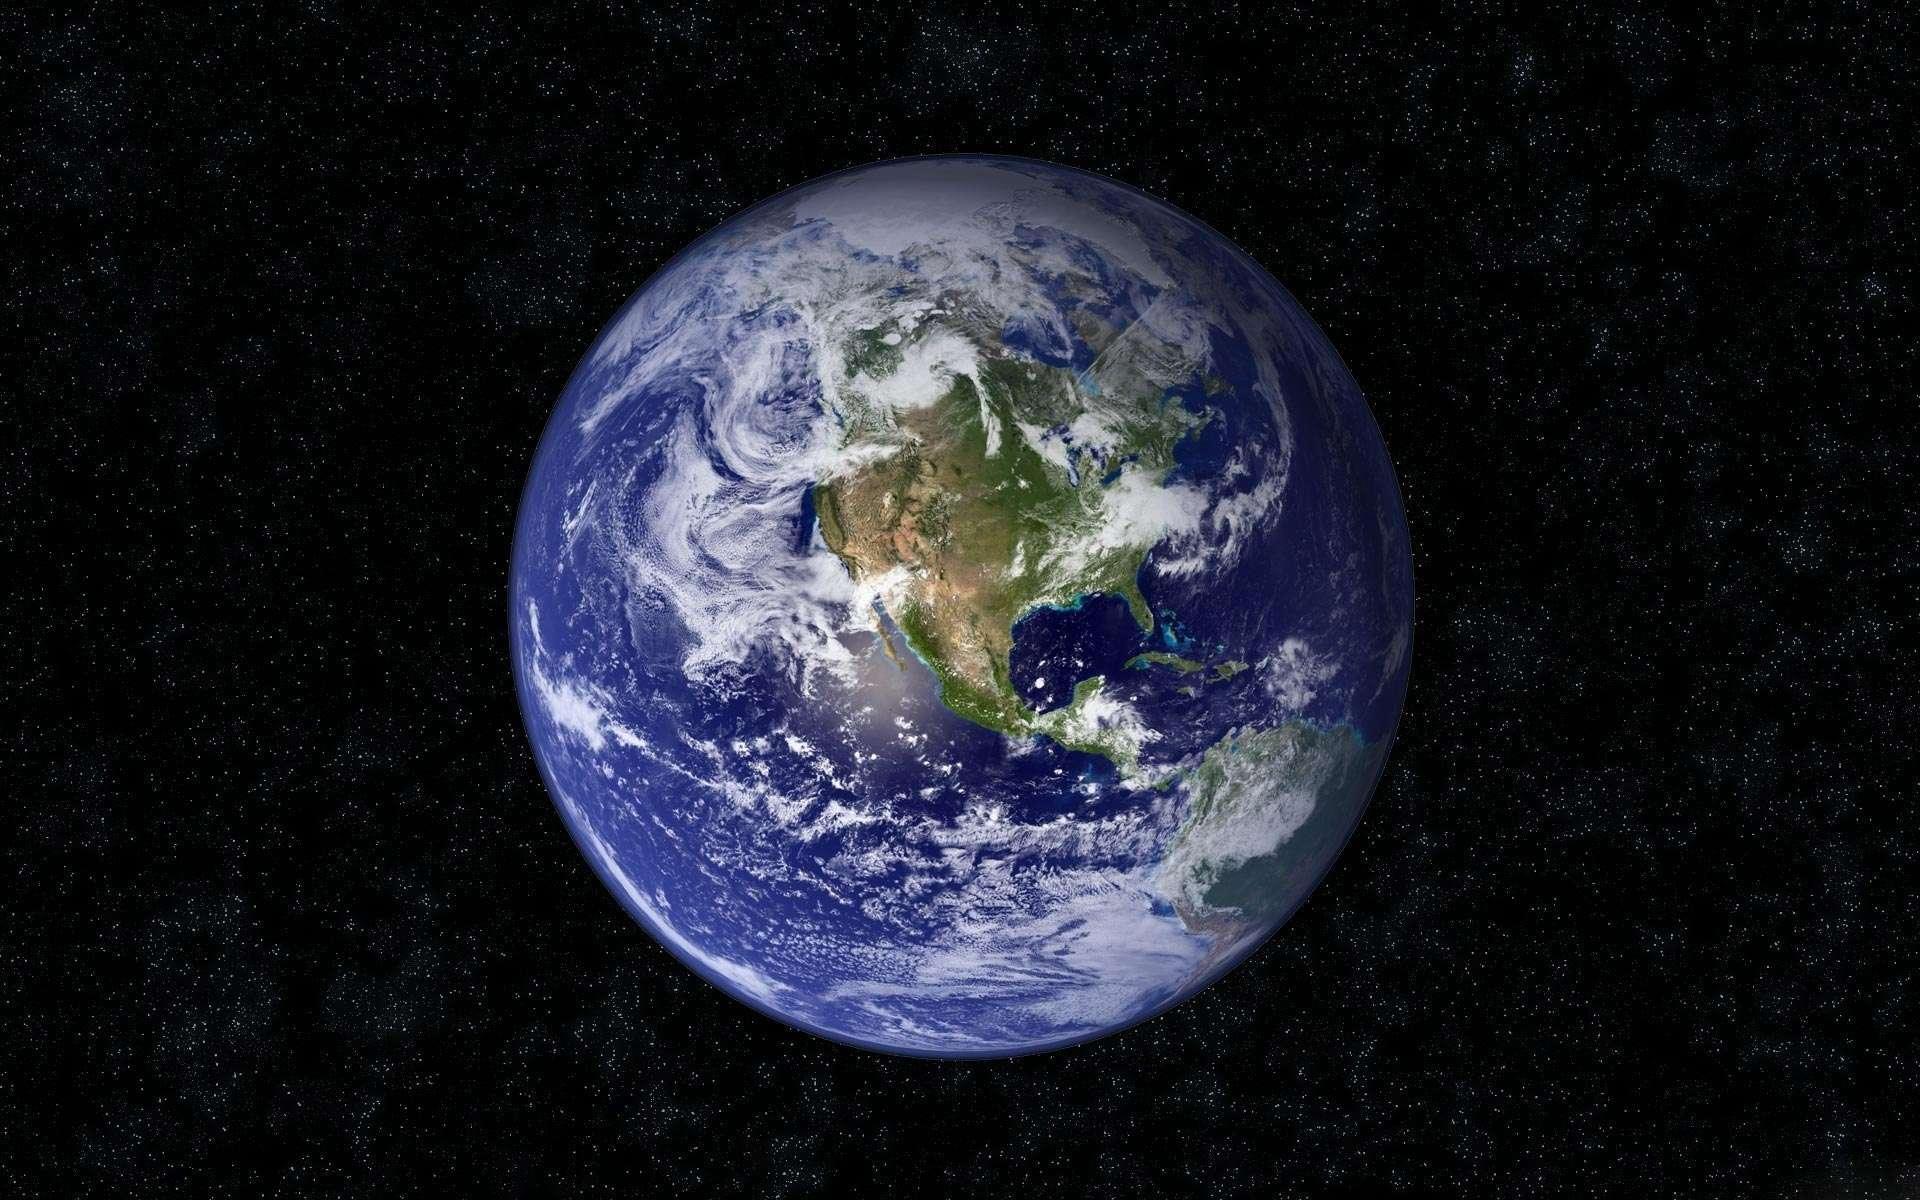 صوره صور الكرة الارضية , شكل تصورى لكوكب الارض